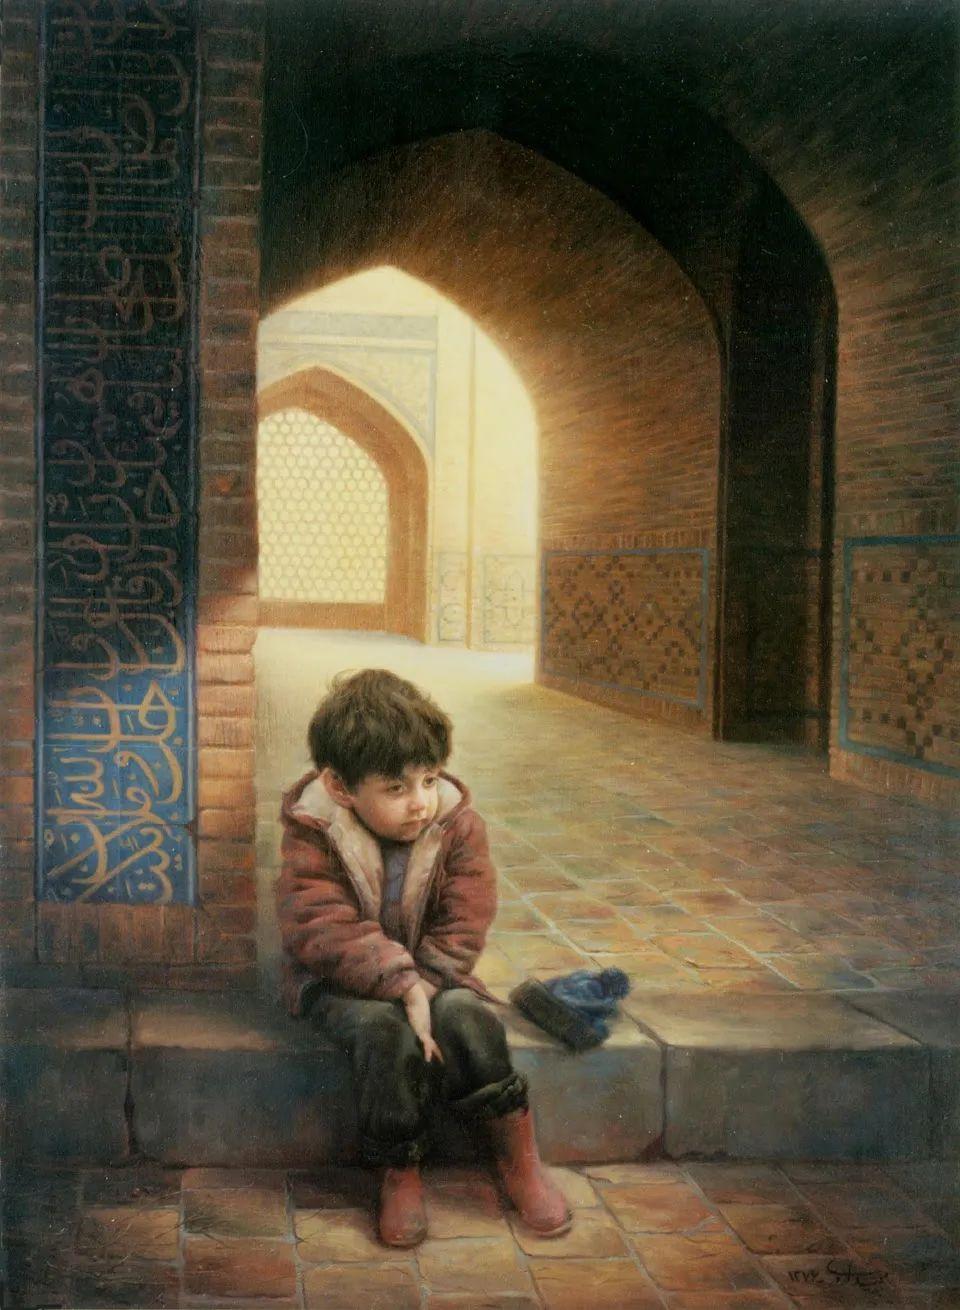 隐藏于内的情感释放,伊朗画家Iman Maleki插图61